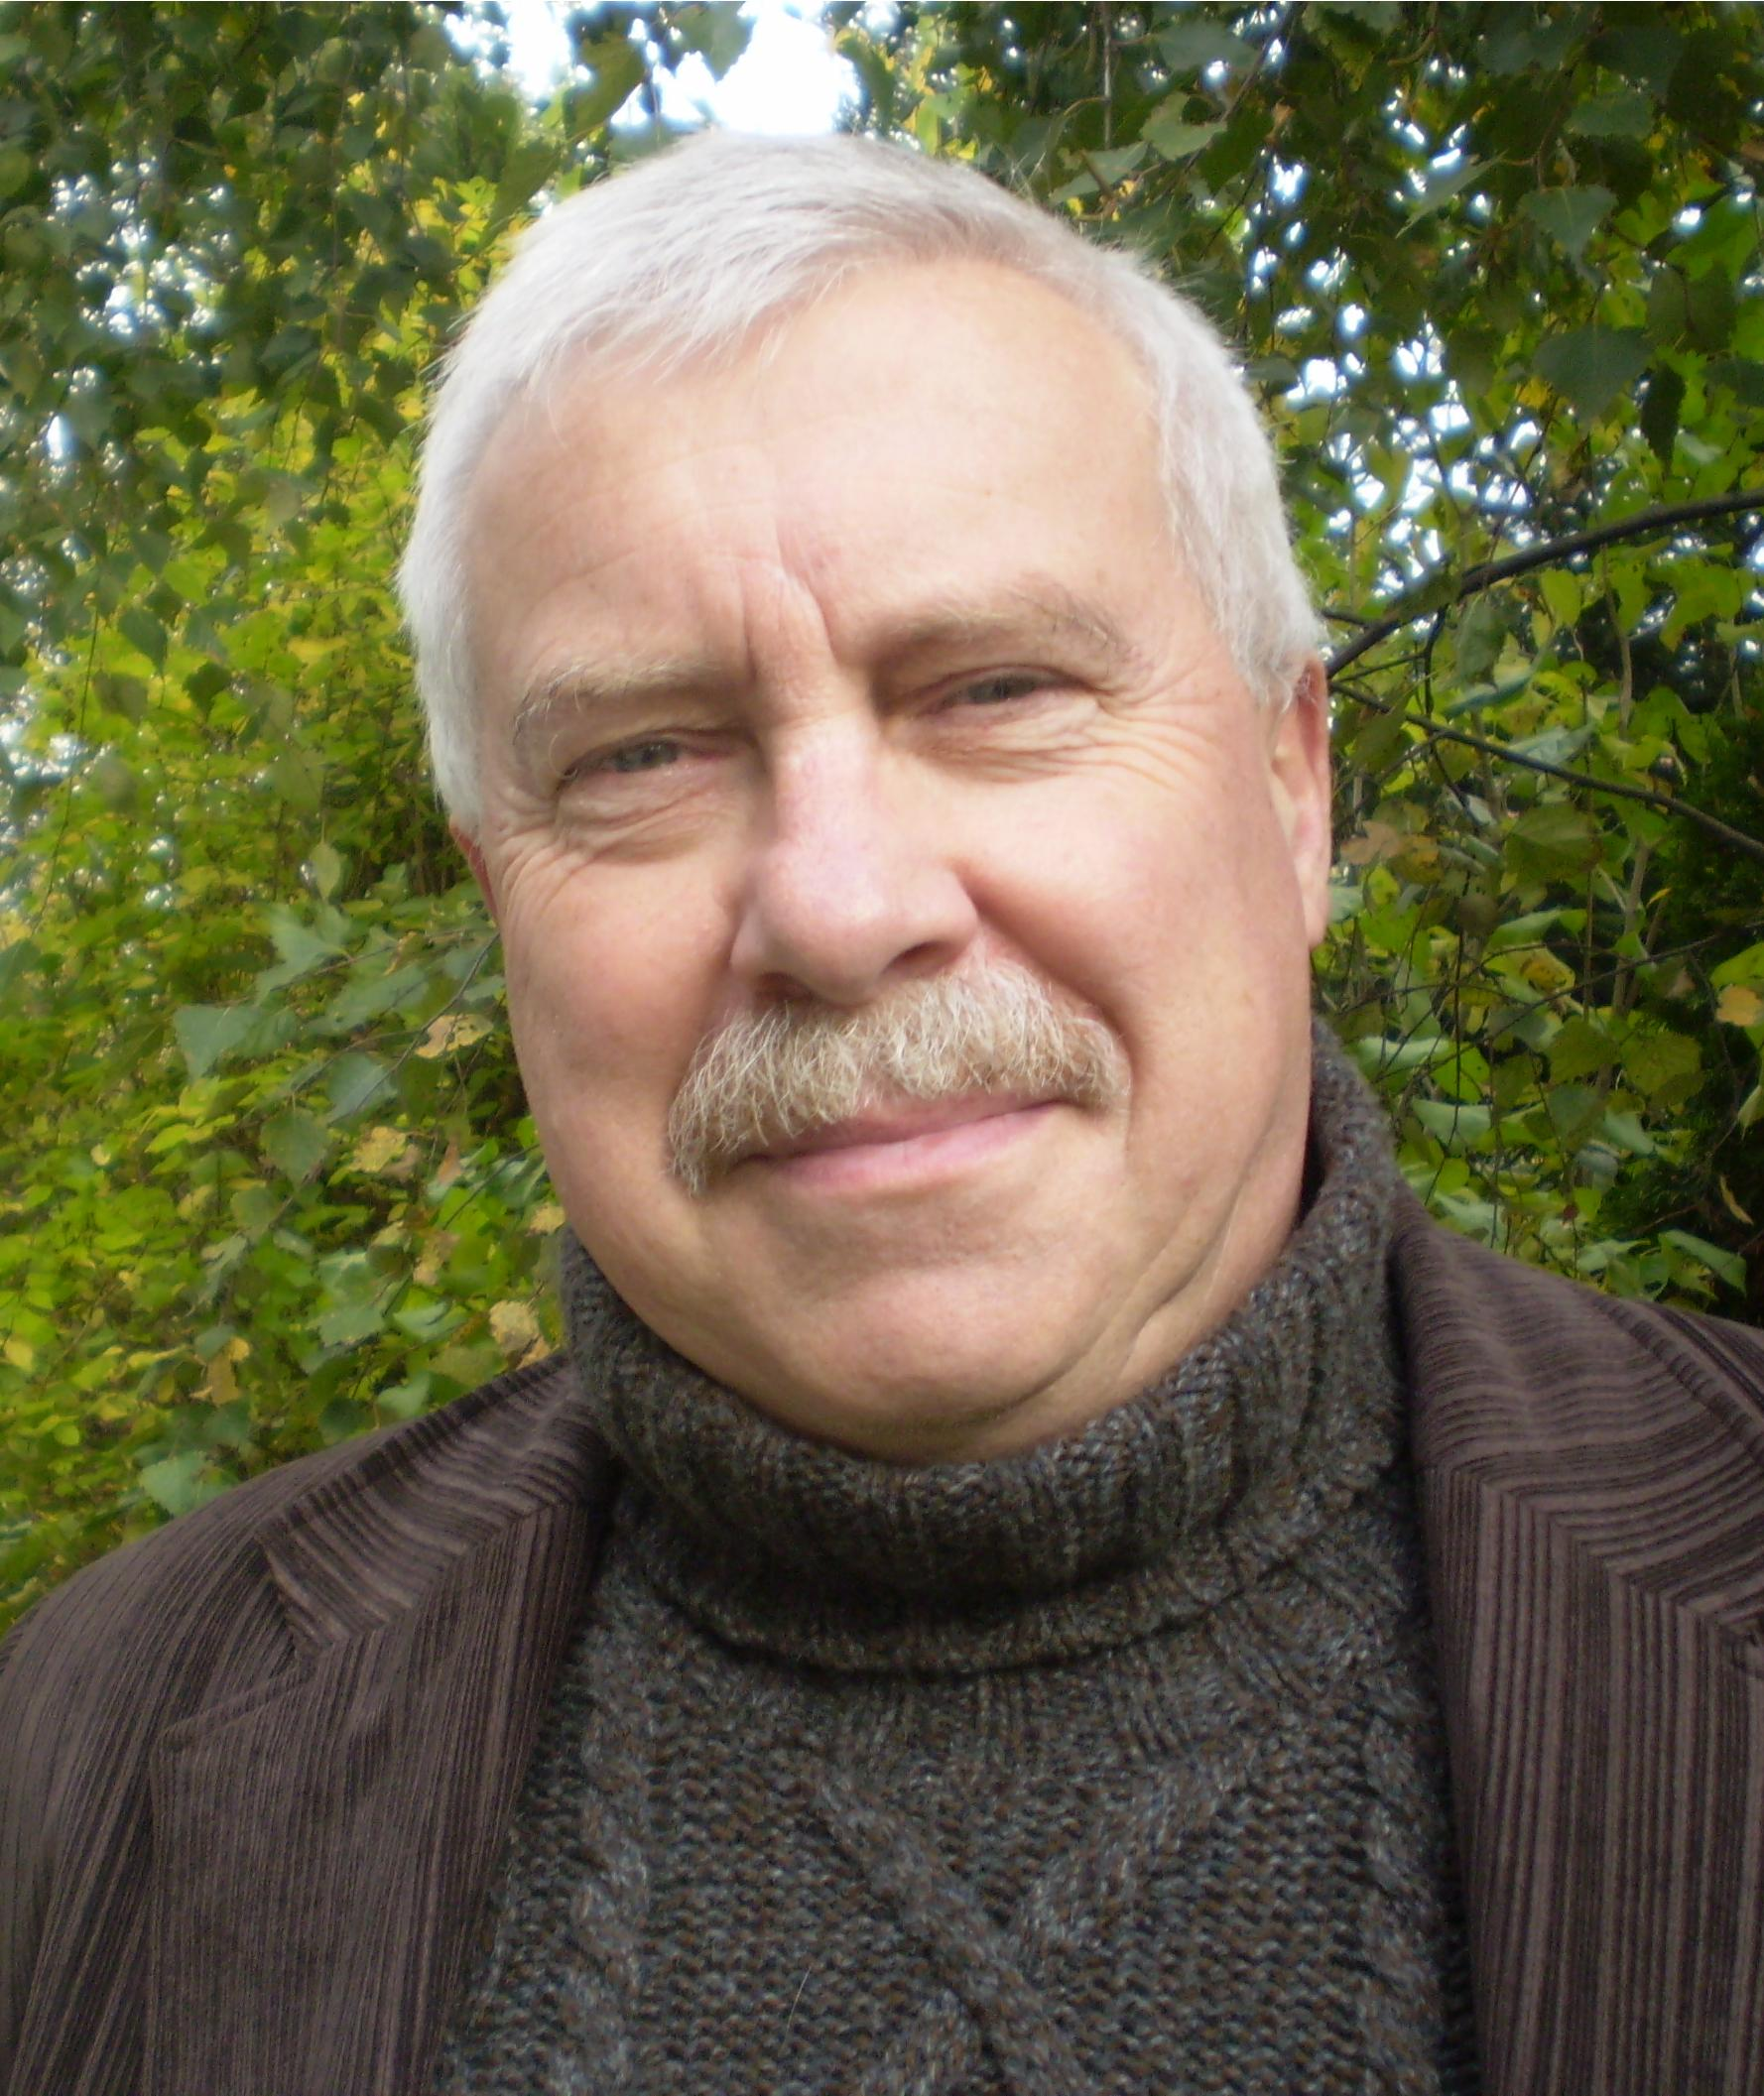 Andrzej_Traczykowski2